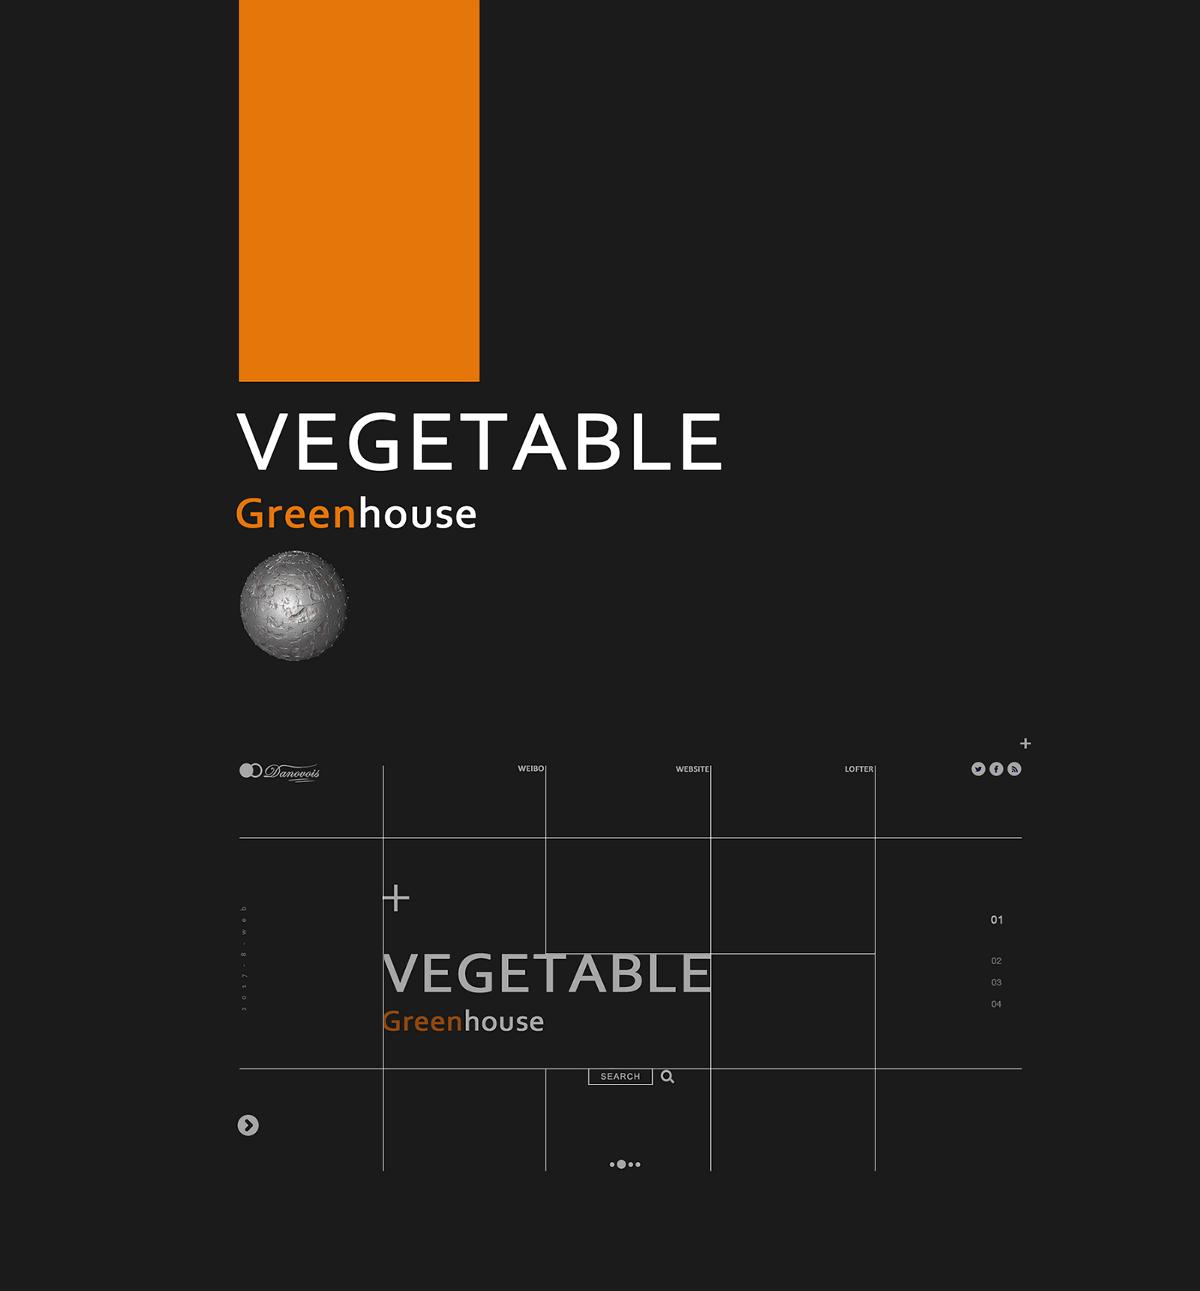 蔬菜种植大棚